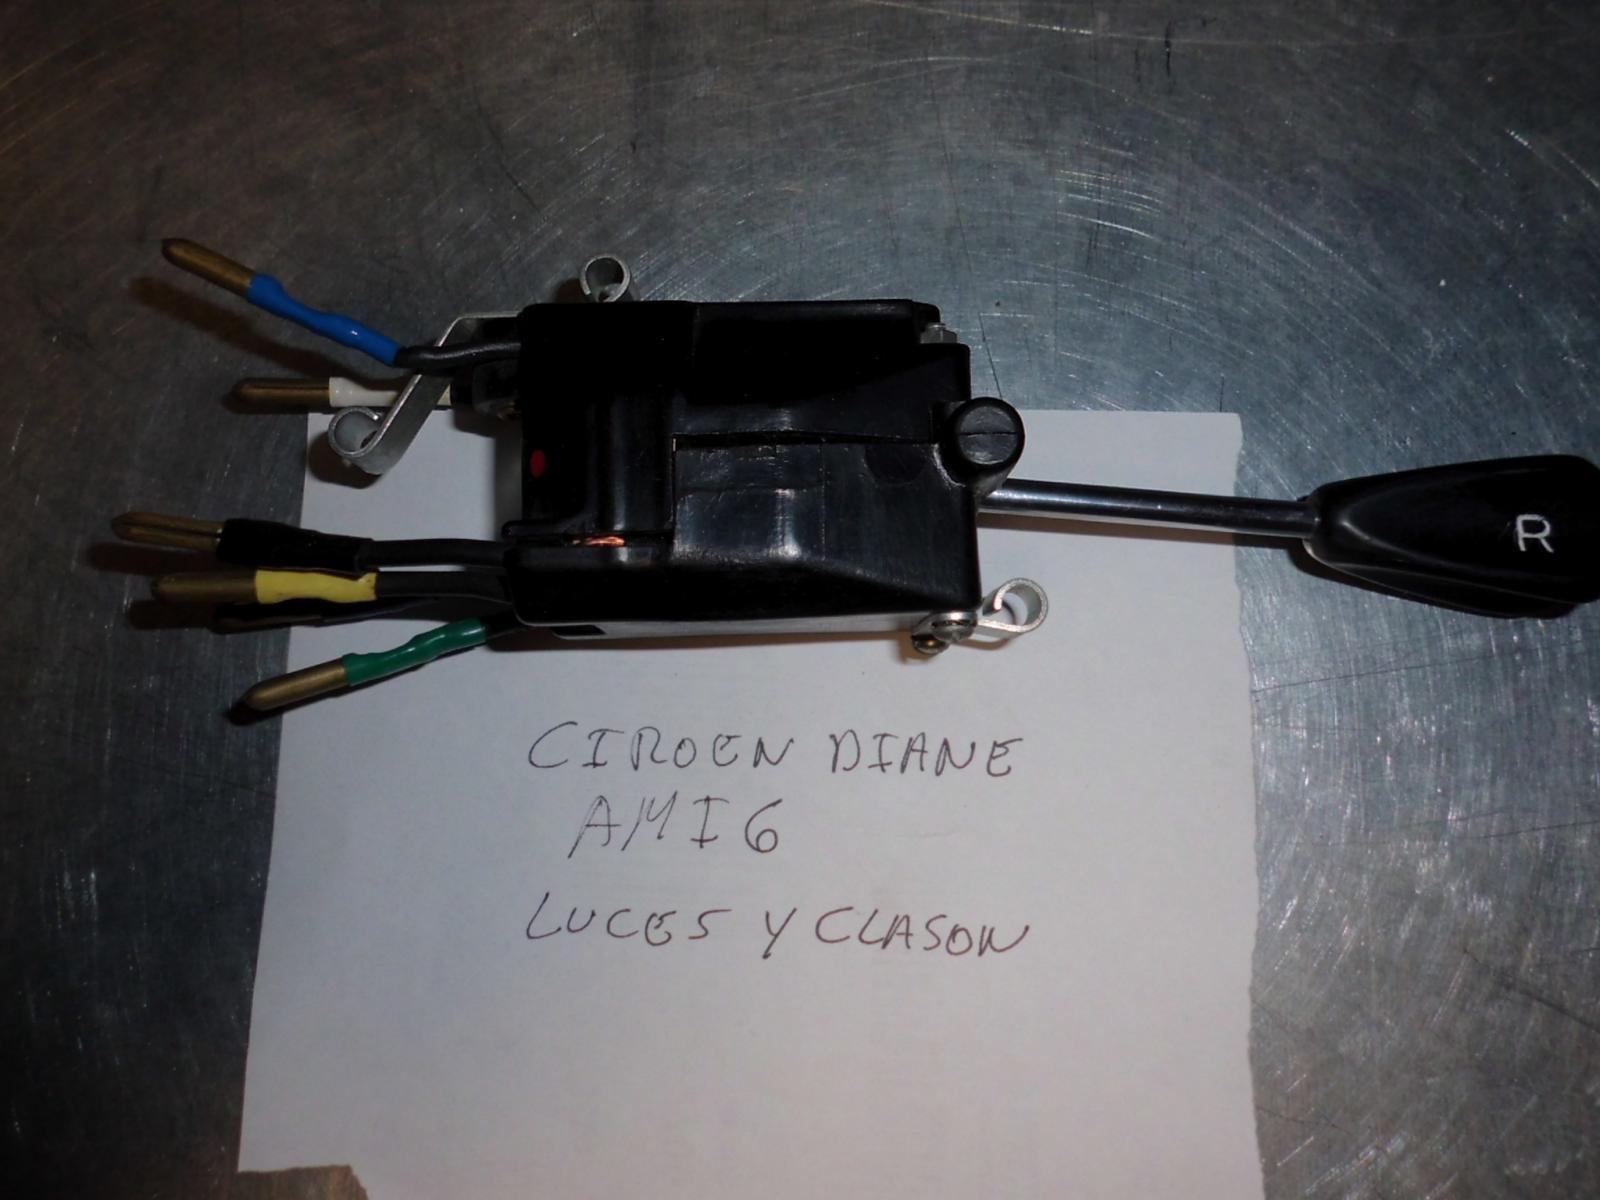 Conmutador de luces y bocina de Citroen Dyane Ami 6